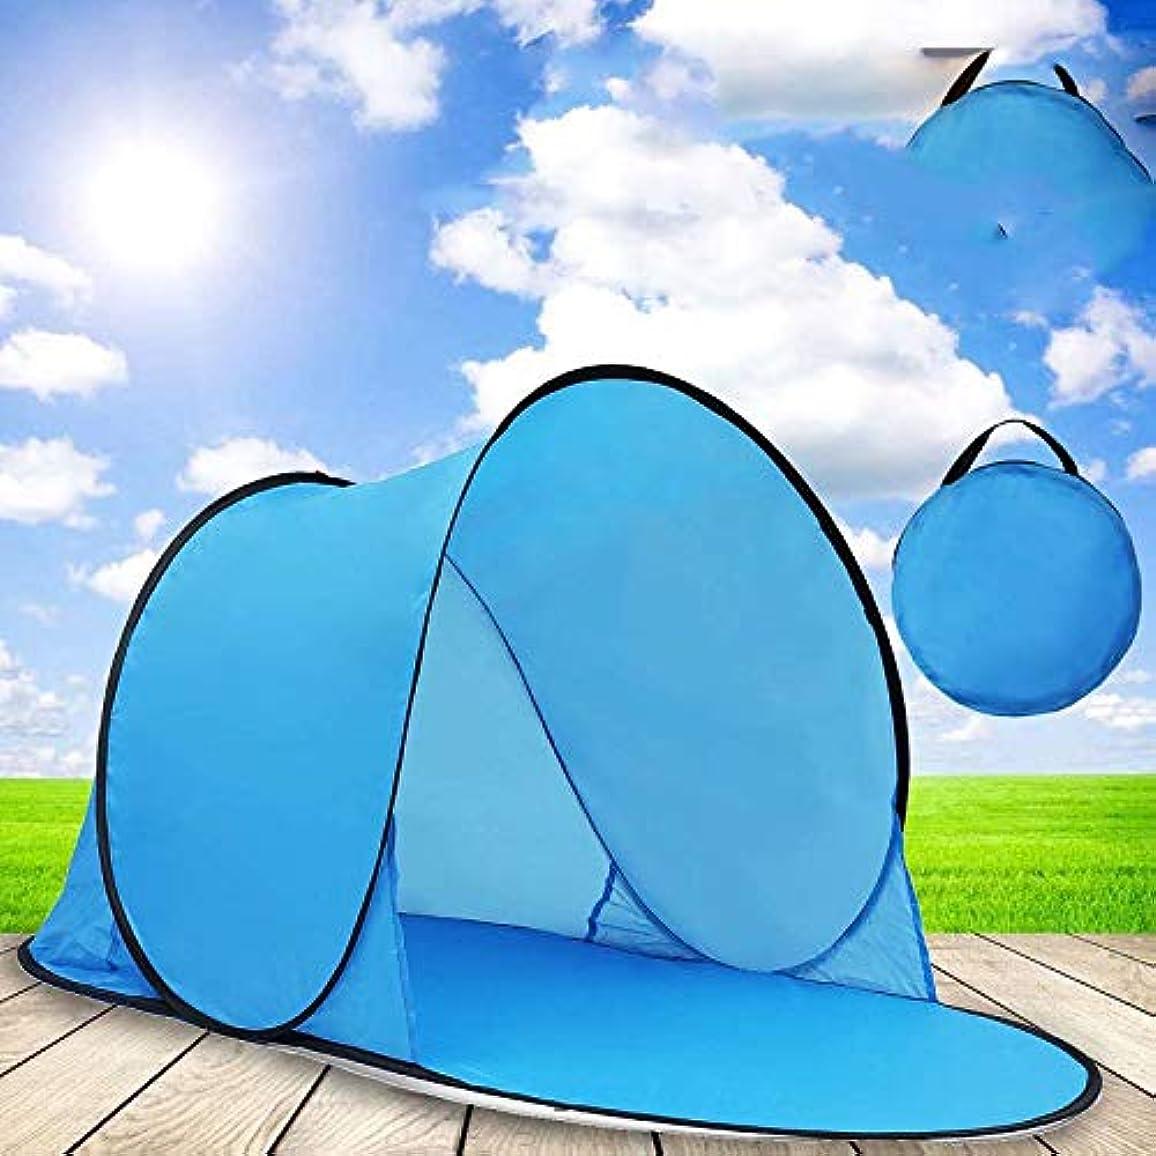 天気料理スクレーパーBXXU 1000 PCS木製キューティクルプッシャーオレンジウッドスティックリムーバーマニキュアペディキュアネイルアートデザインピッカーツールセット